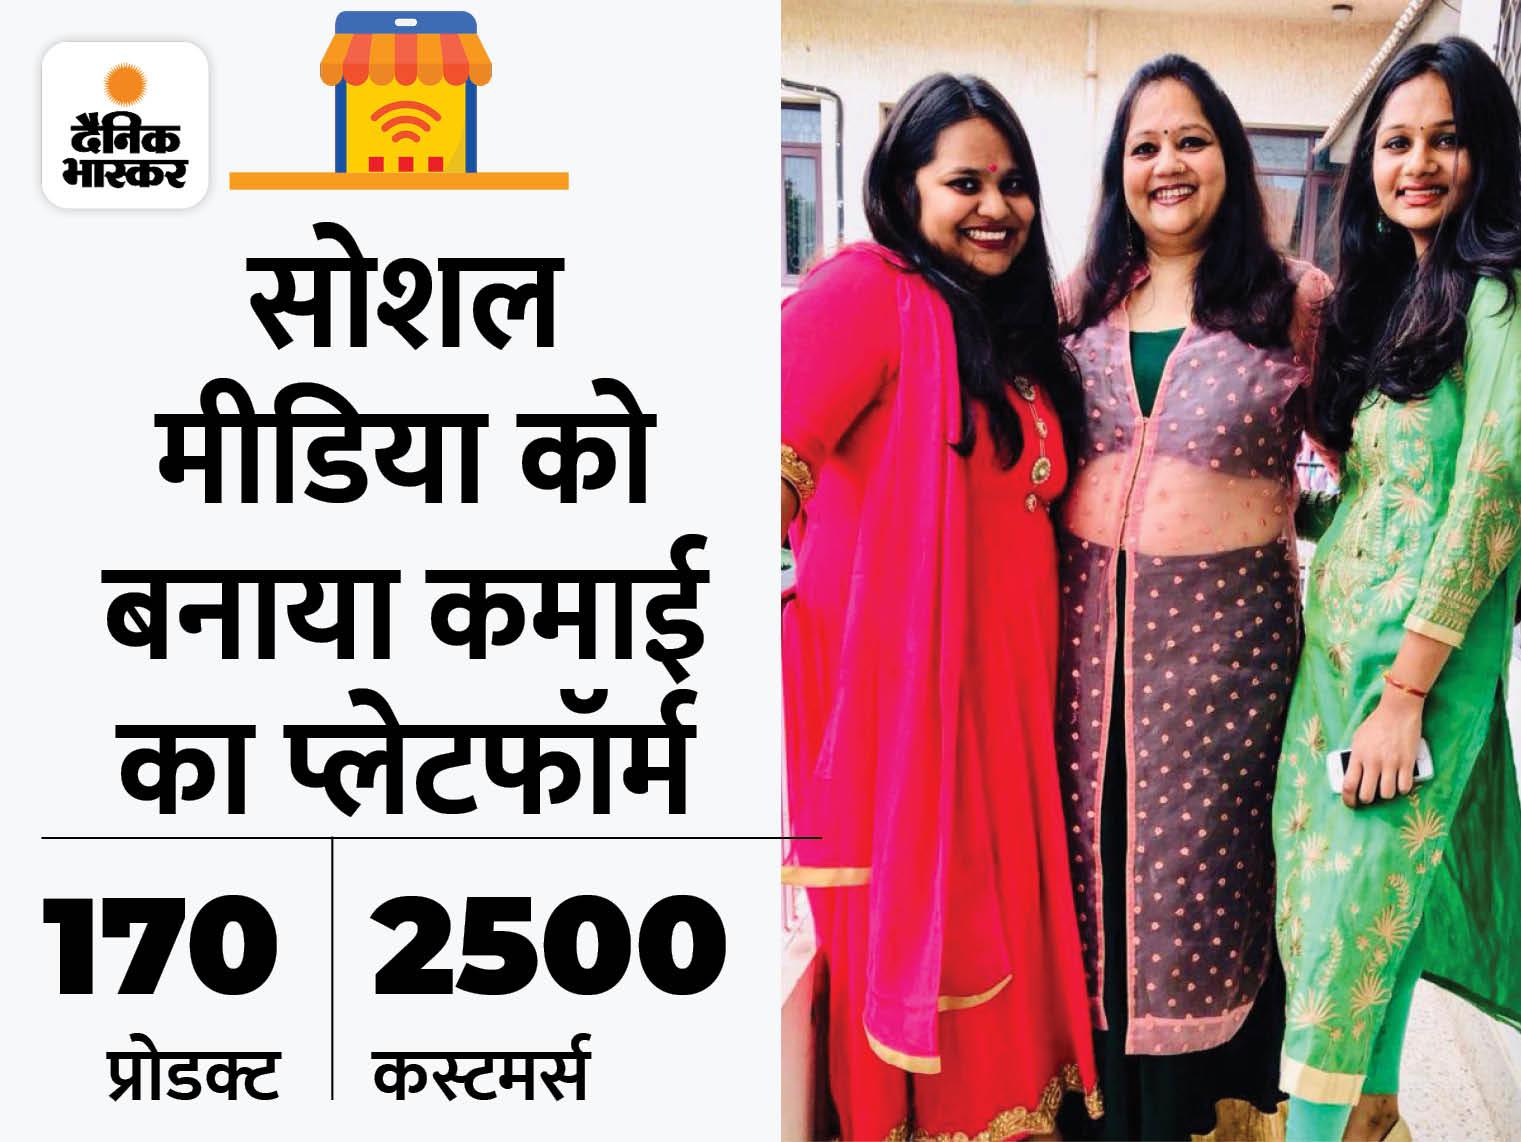 लॉकडाउन में 2 बेटियों ने मां के हुनर को प्रोफेशन में बदला, अब हर महीने 2 लाख का बिजनेस; MP-राजस्थान सहित देशभर में मार्केटिंग|DB ओरिजिनल,DB Original - Dainik Bhaskar